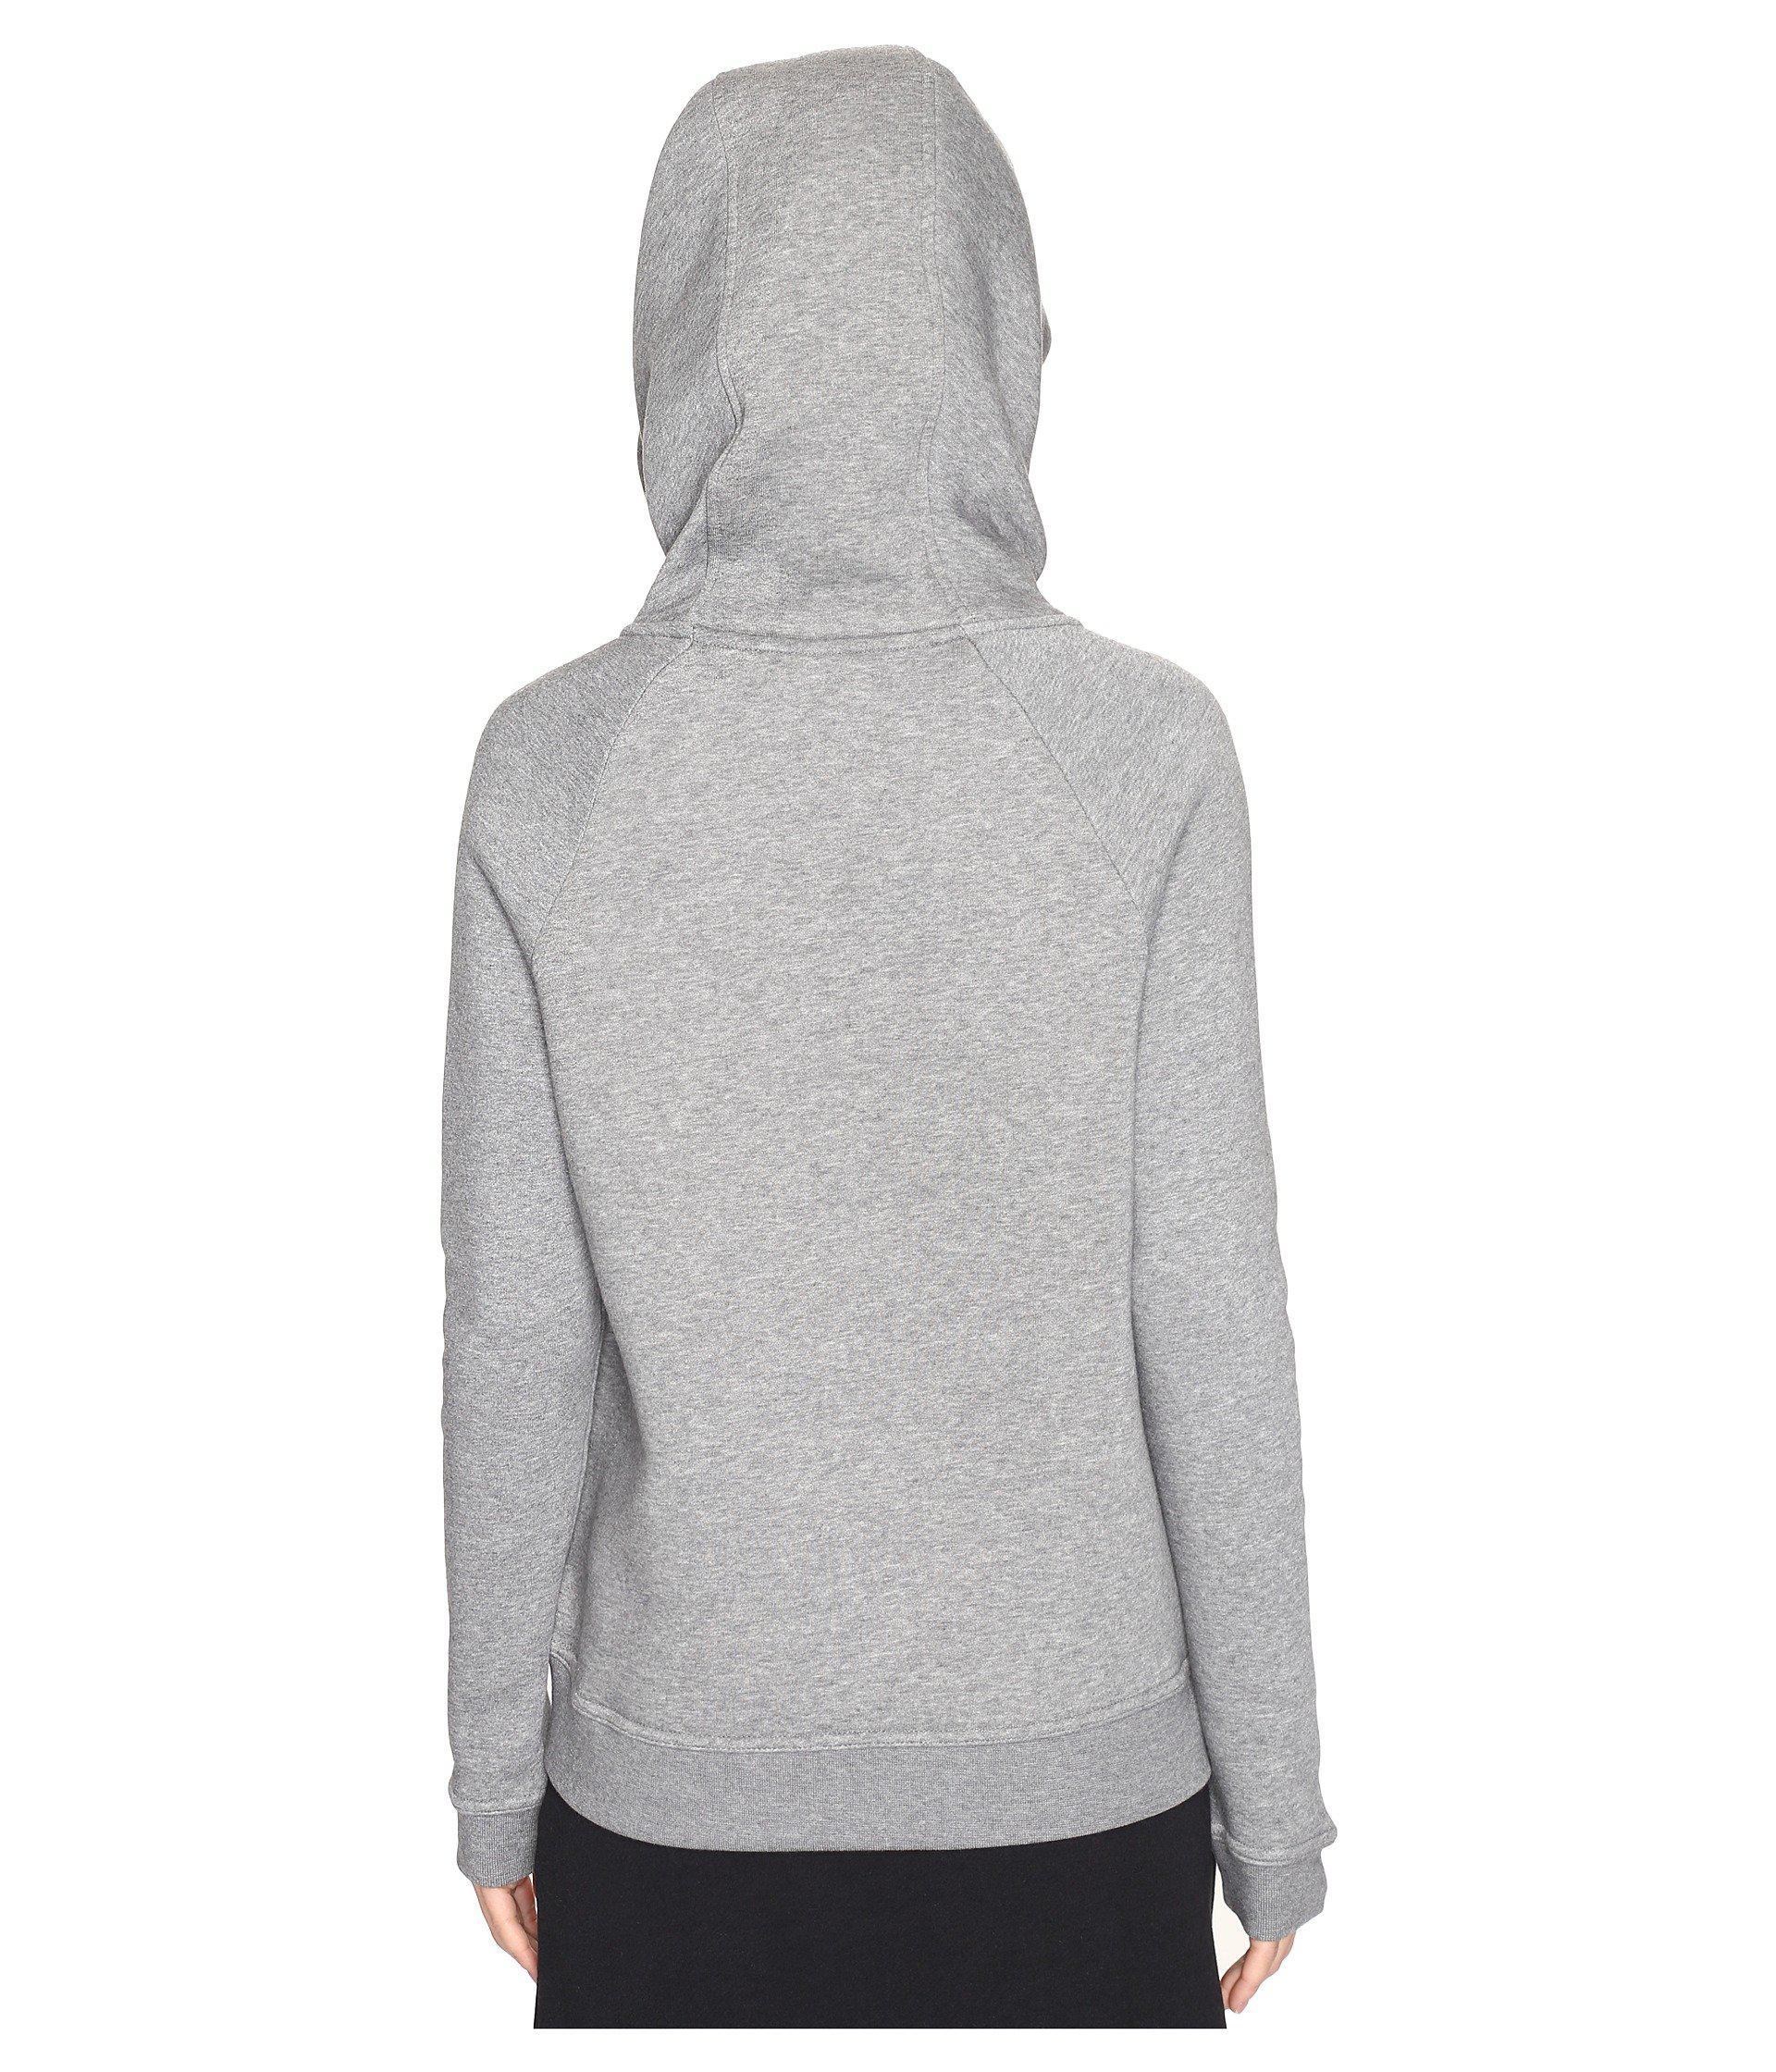 1857baaed5f4 Lyst - Nike Sportswear Rally Funnel Neck Sweatshirt in Gray